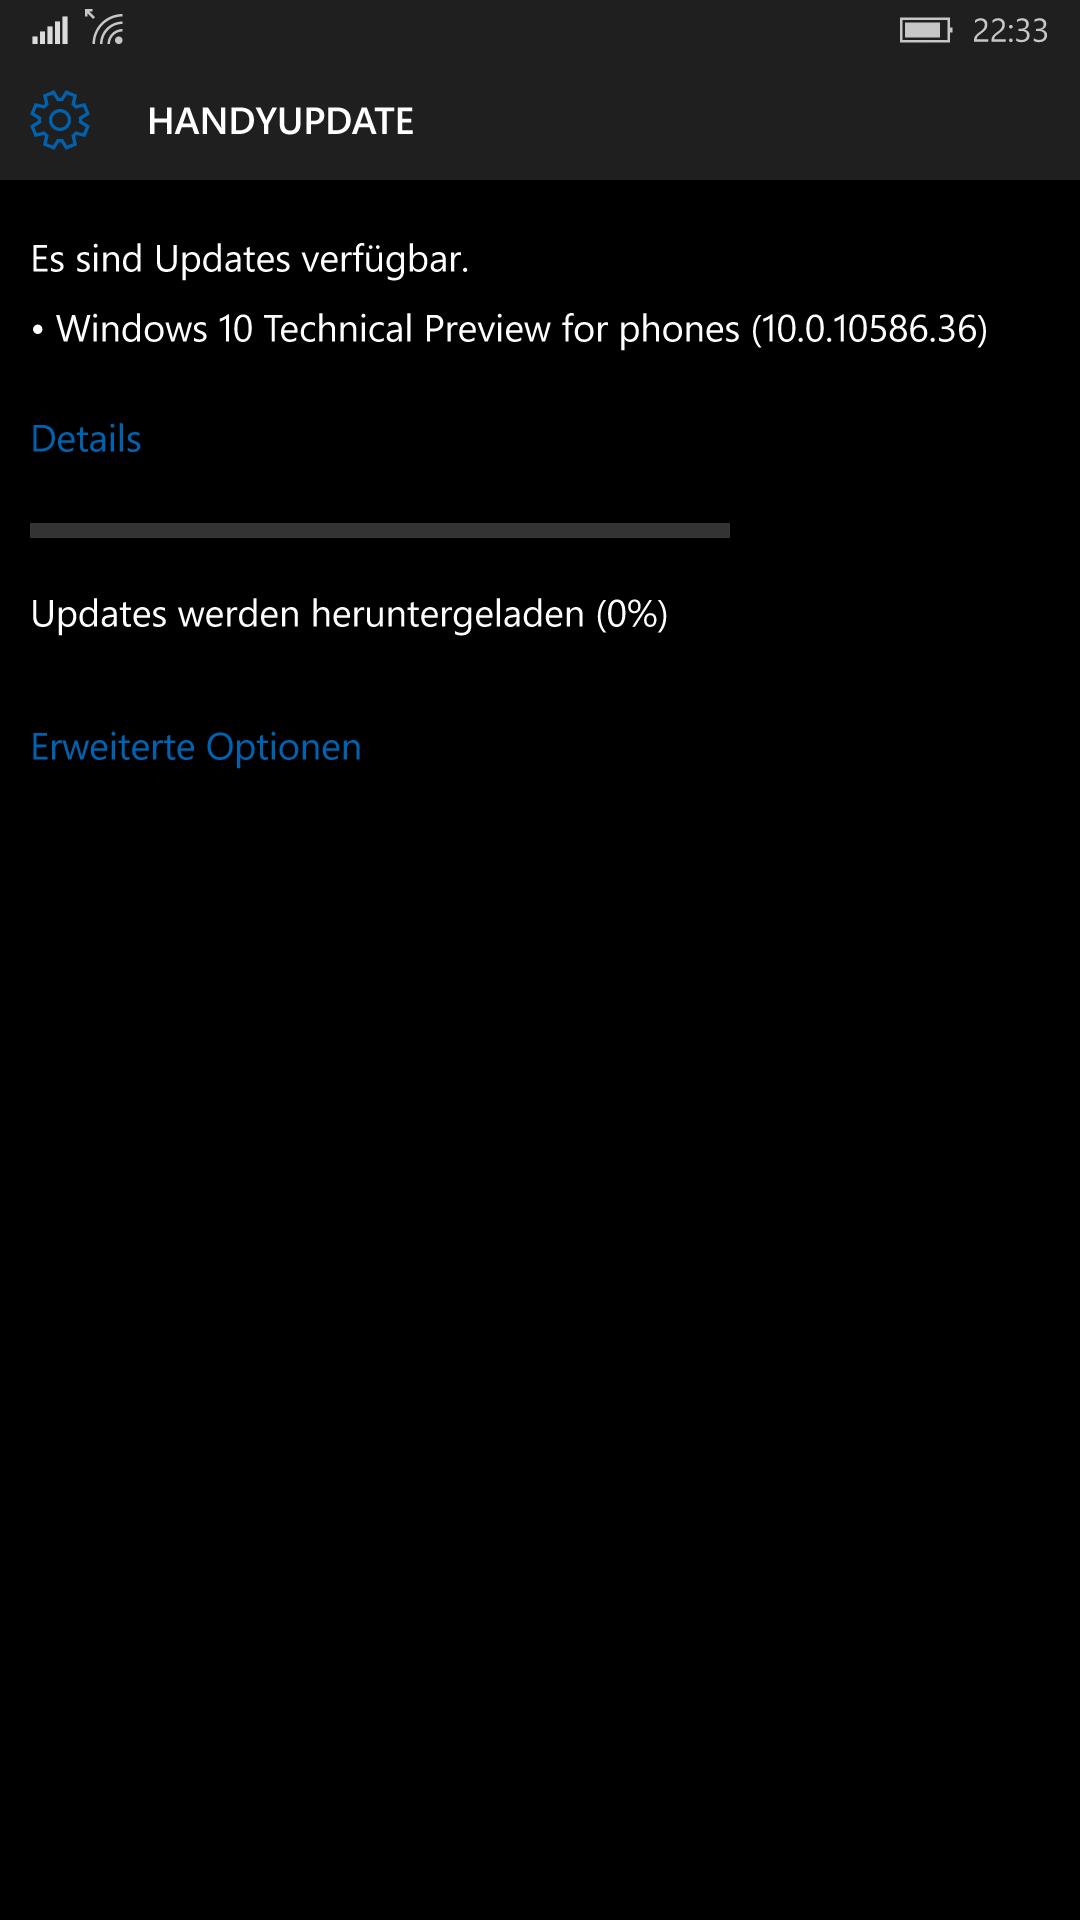 Windows 10 Mobile Insider Preview Build 10586.36 verfügbar